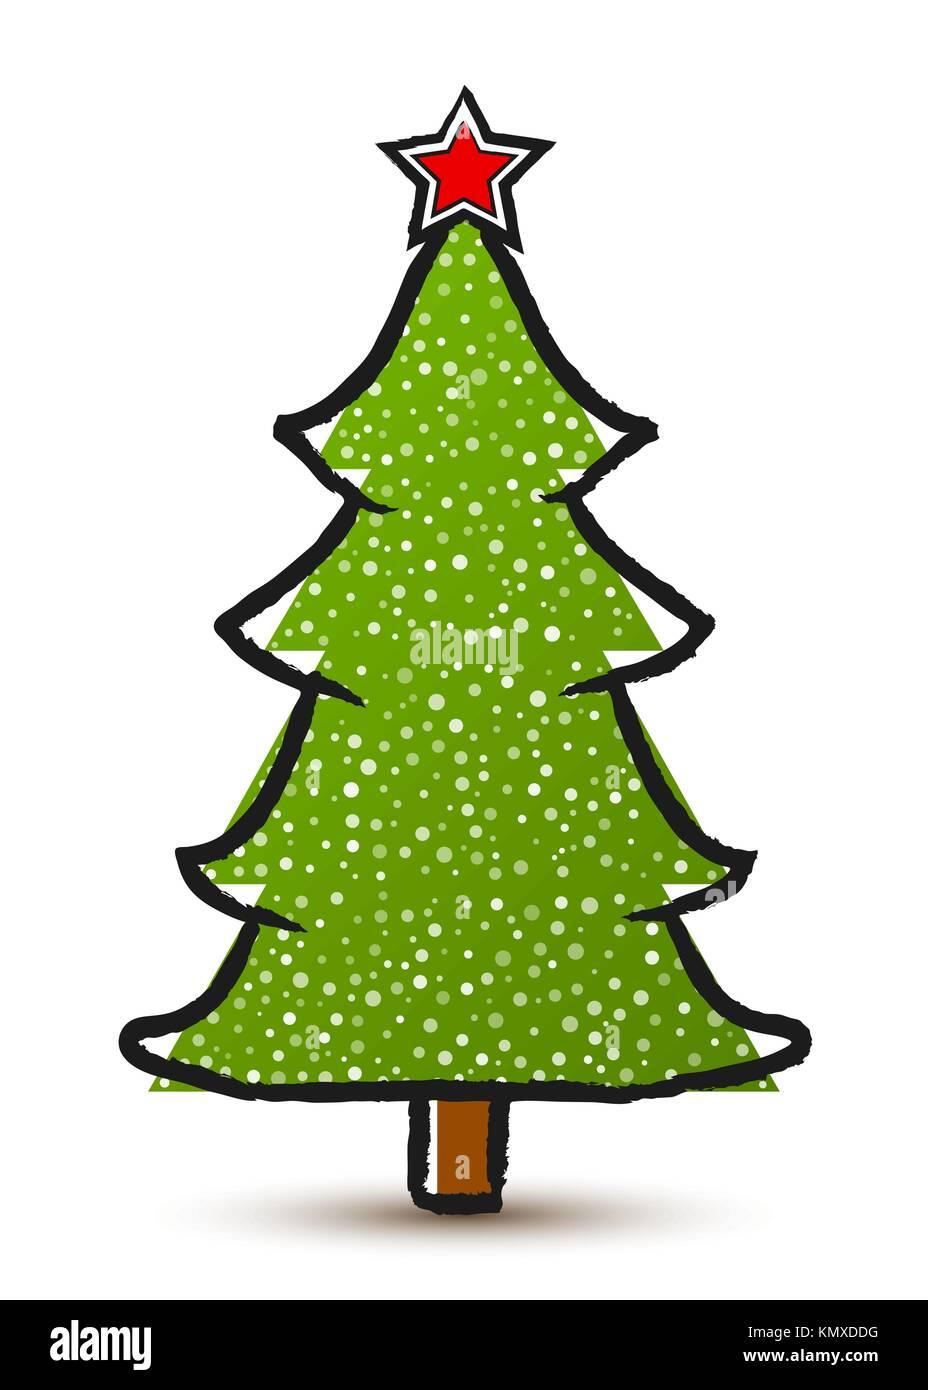 Disegni Alberelli Di Natale.Vettore Di Disegno Astratto Albero Di Natale Con Una Stella